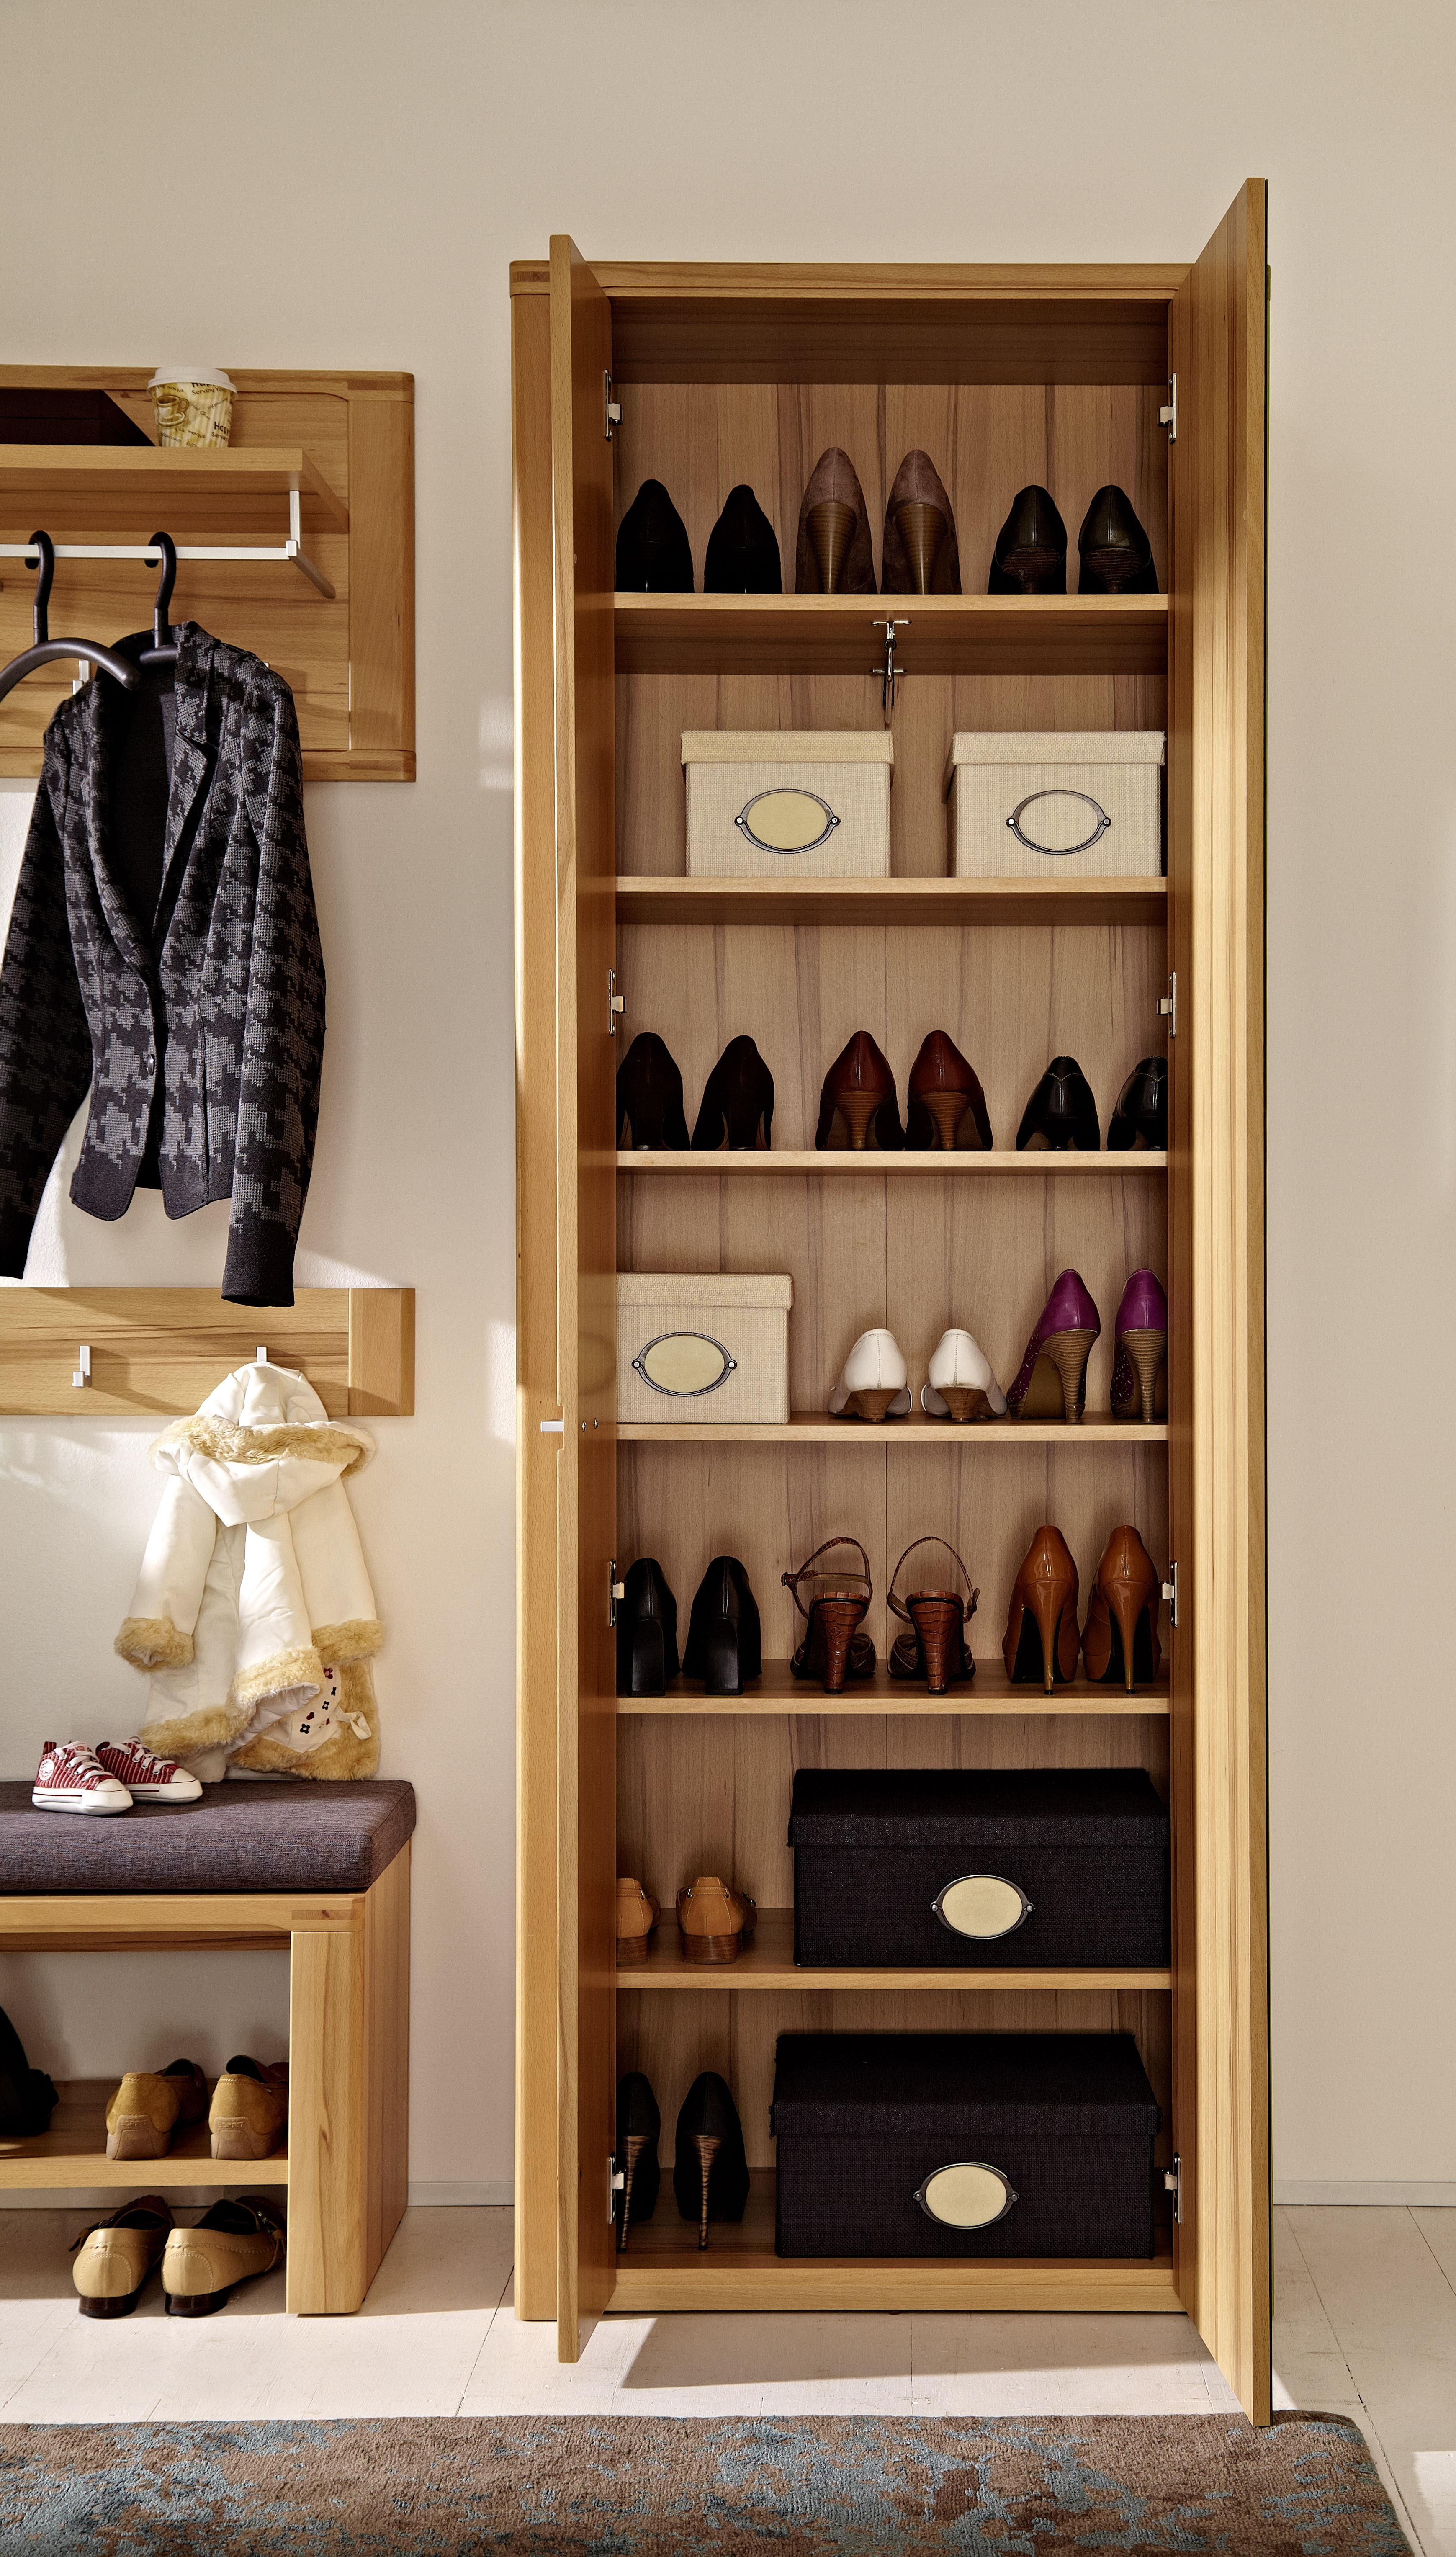 Garderobenschrank inkl spiegel nature plus von innostyle for Spiegel plus